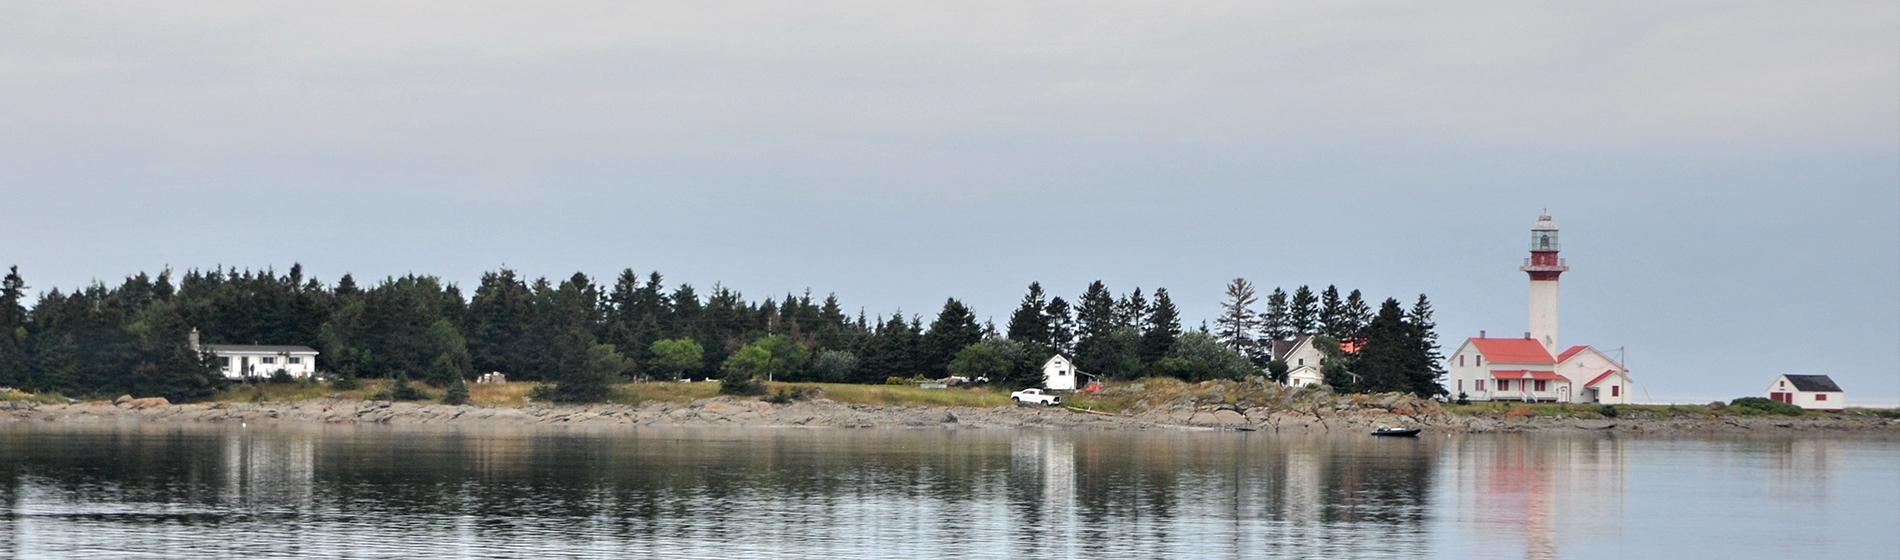 Camping Union - Camping Annie dans la région de Gaspésie